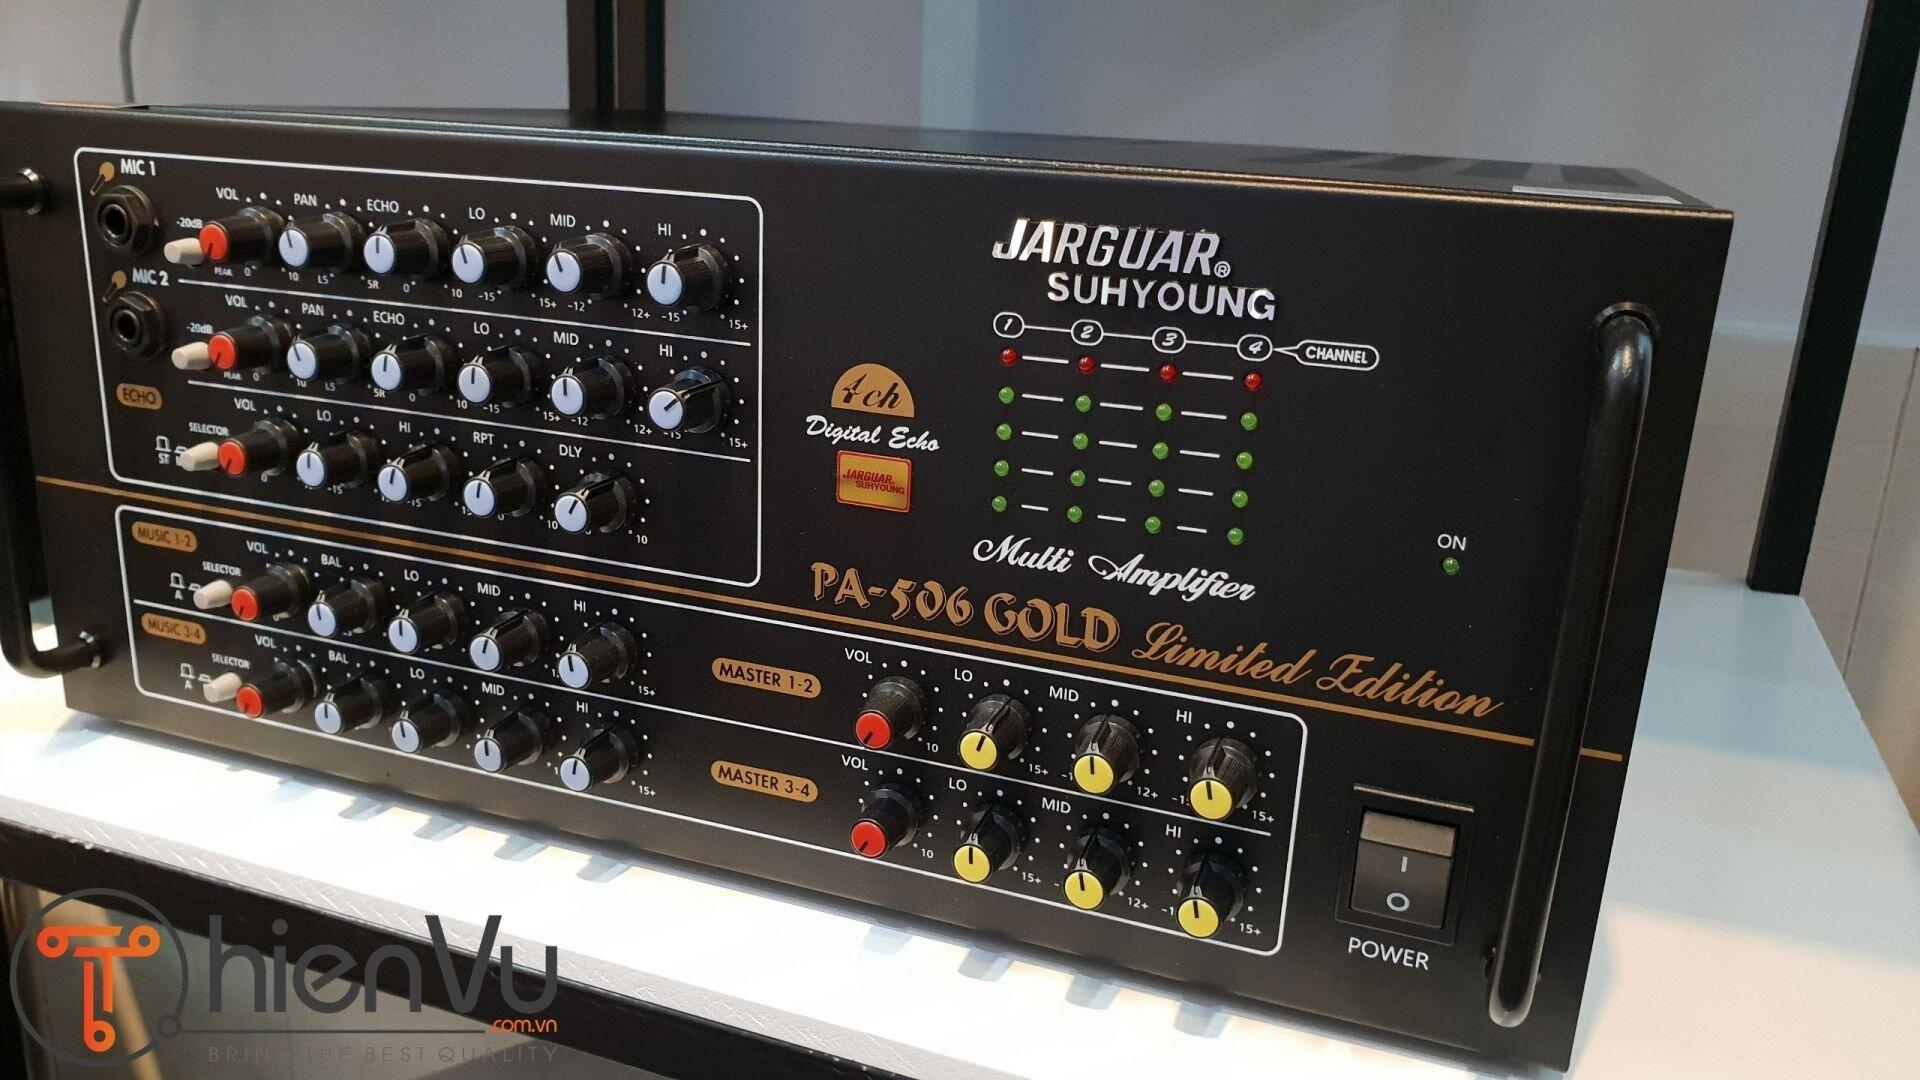 Thương hiệu Jaguar chuyên về thiết bị âm thanh karaoke